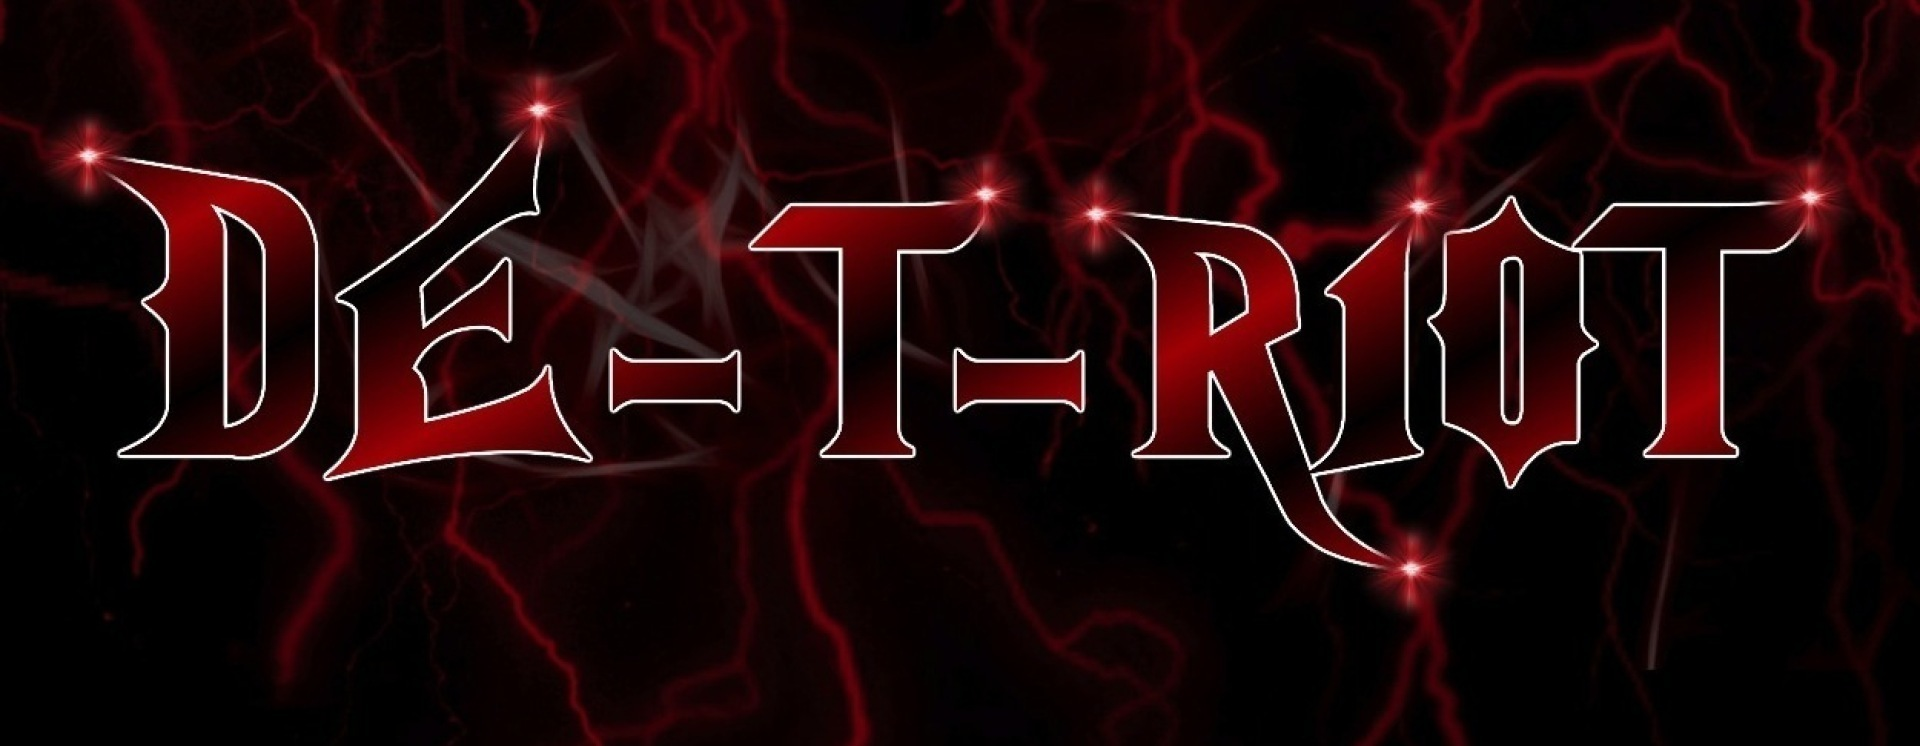 1438024129 new de t roit logo 4 copy